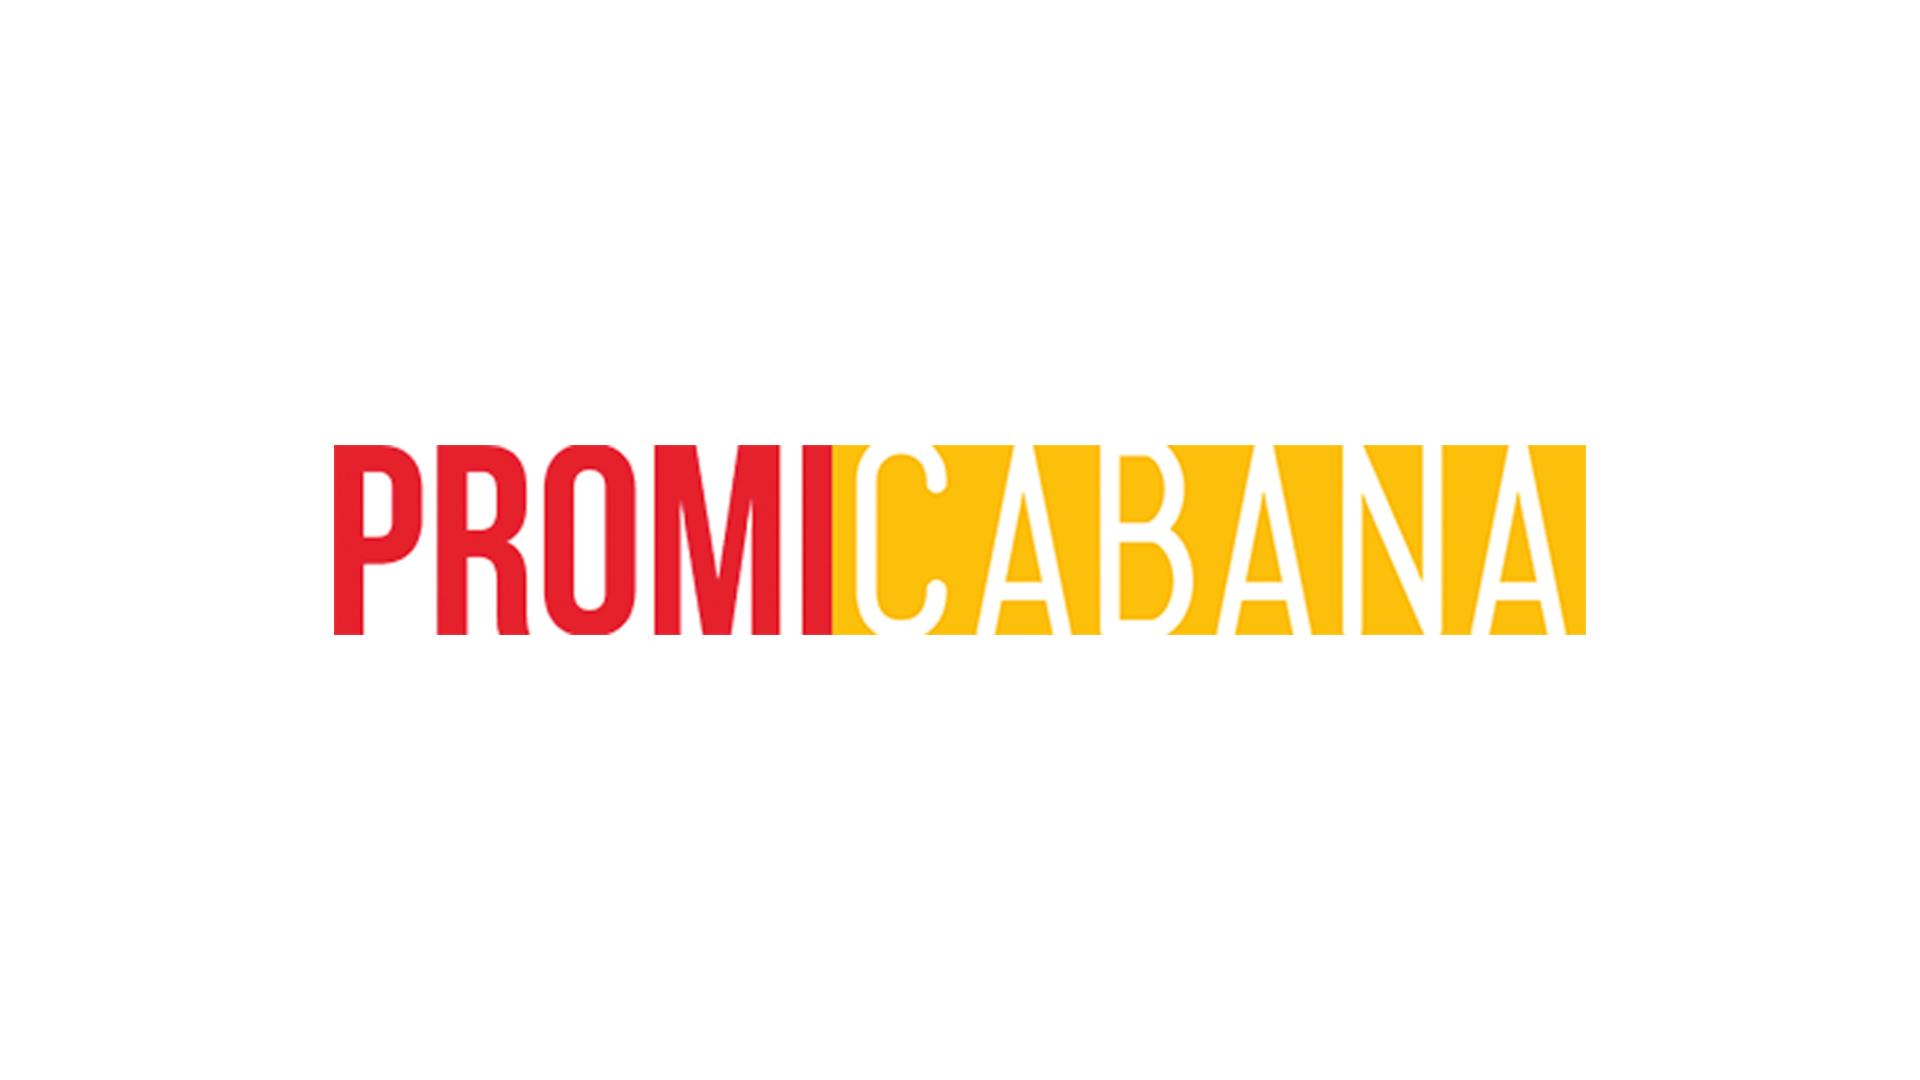 Nicolas-Cage-Trailer-Mom-and-Dad